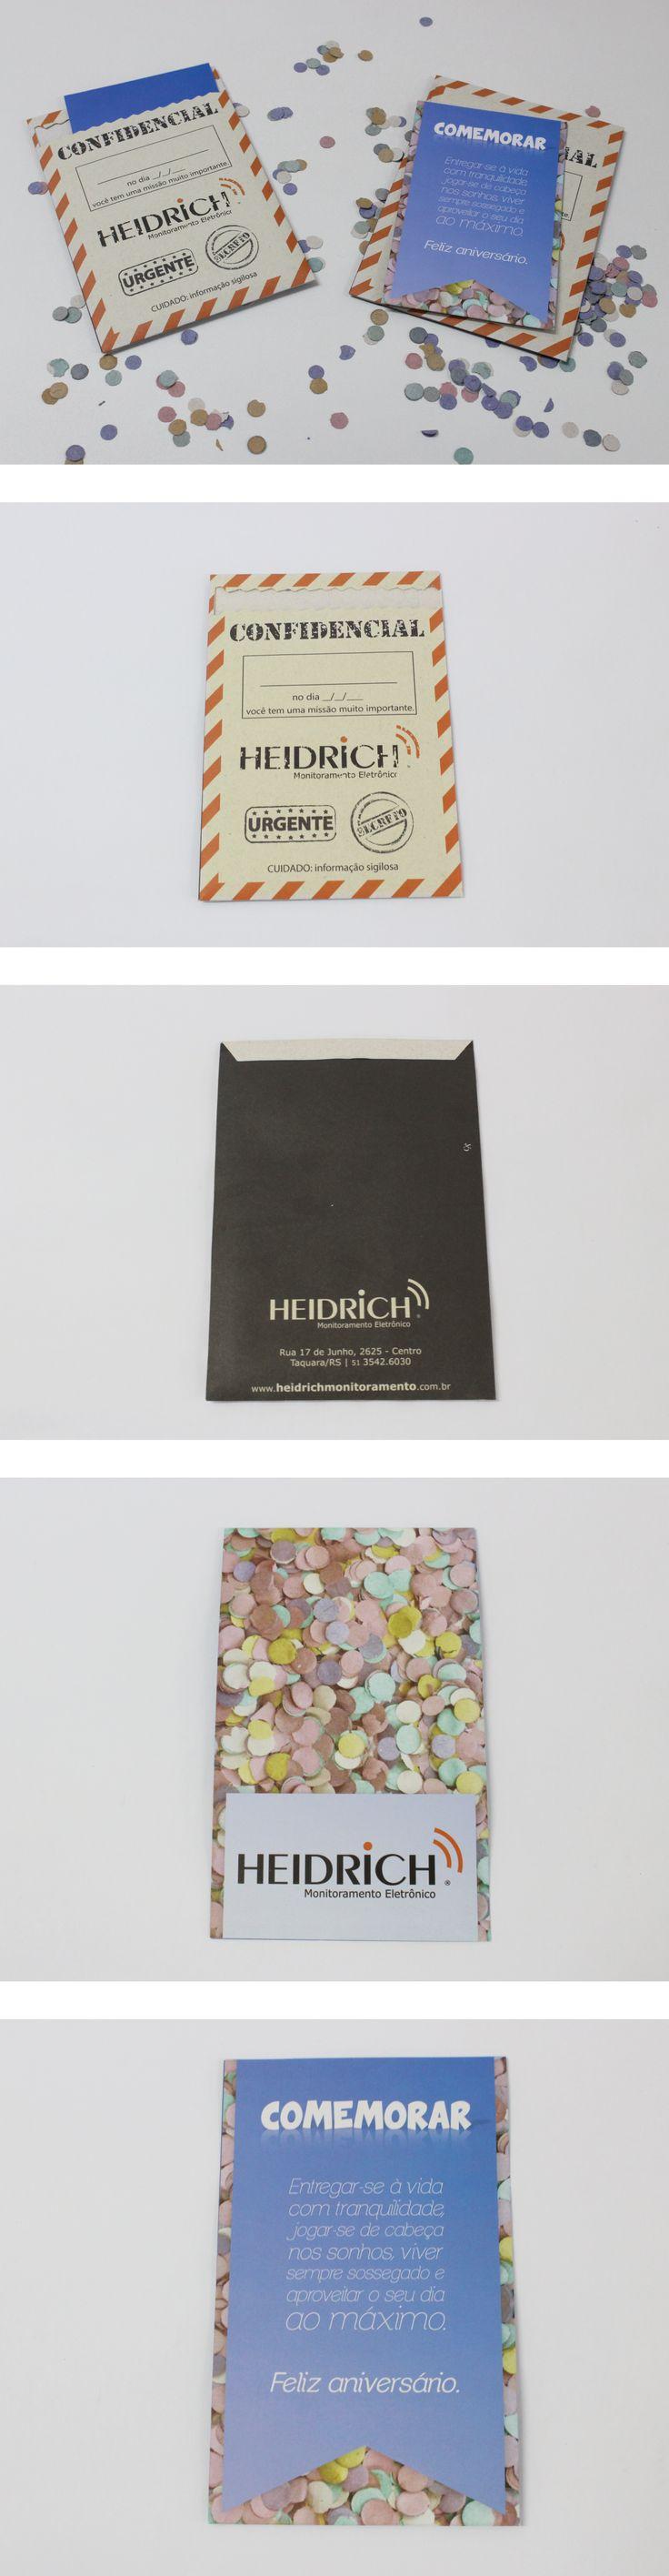 Impressos criados pela Agência Conceito para o cliente Heidrich.